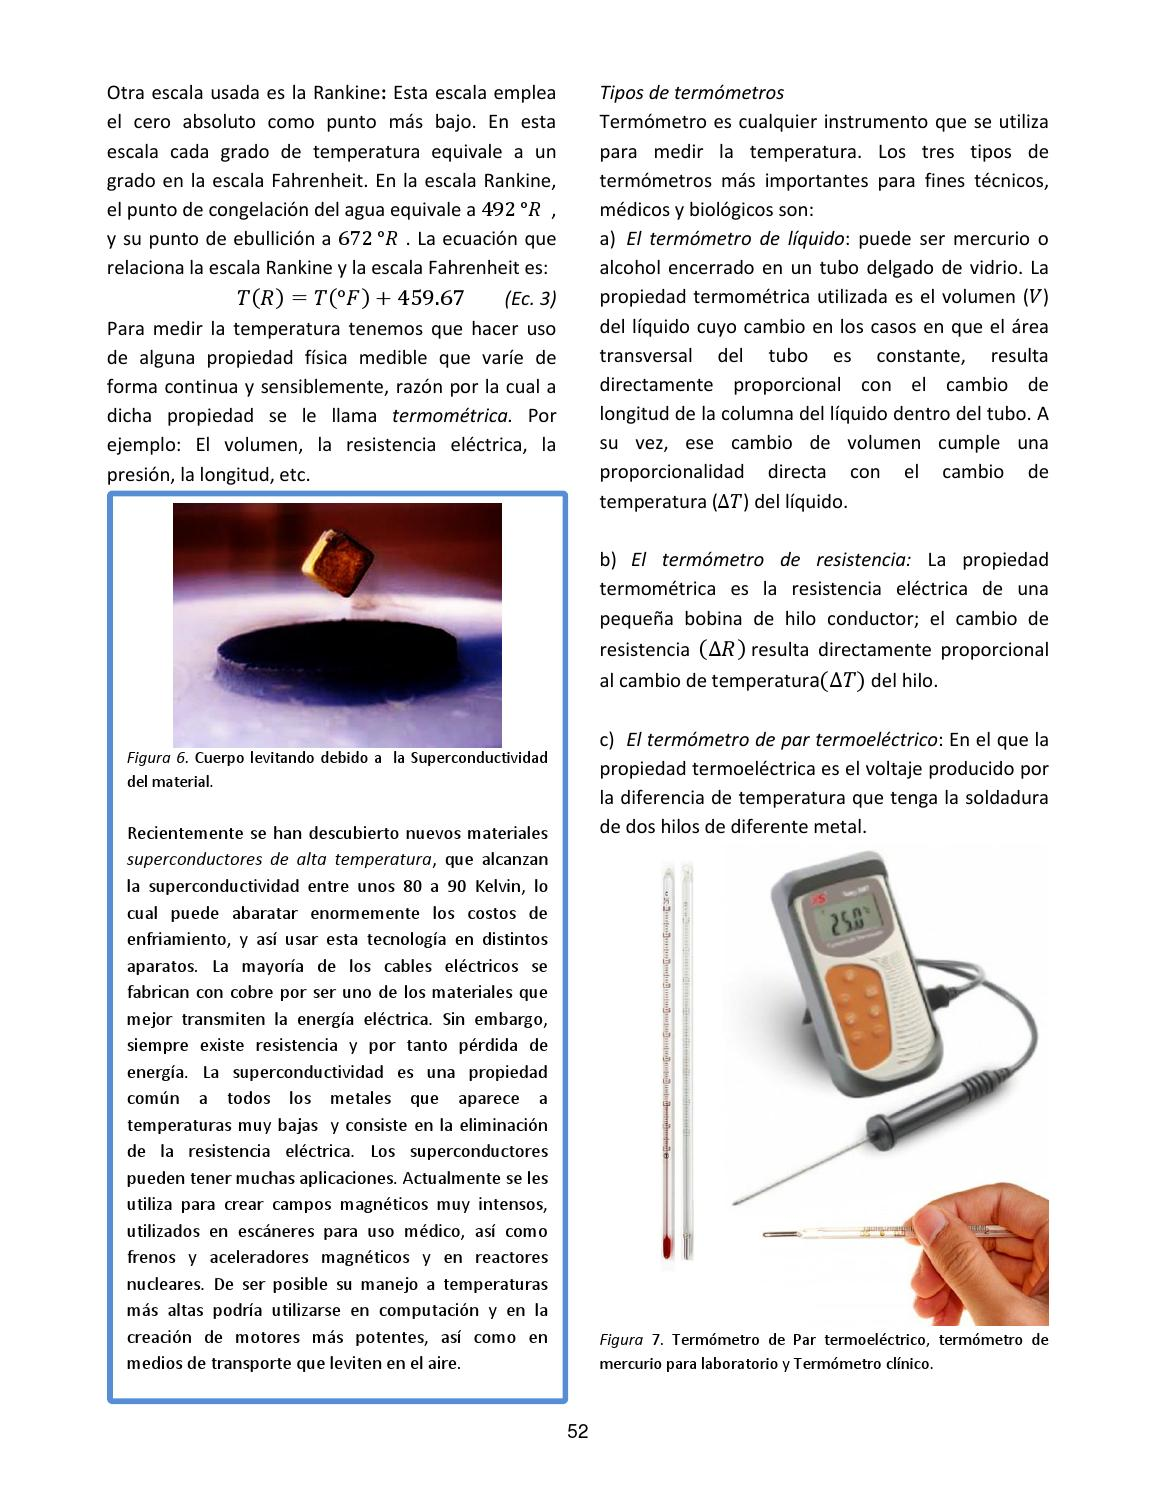 Ciencias Naturales 10 By Arnoldo Romero Issuu Los termómetros de laboratorio son particularmente útiles para mantener un control adecuado durante mediciones y pruebas y no son aptos para humanos. ciencias naturales 10 by arnoldo romero